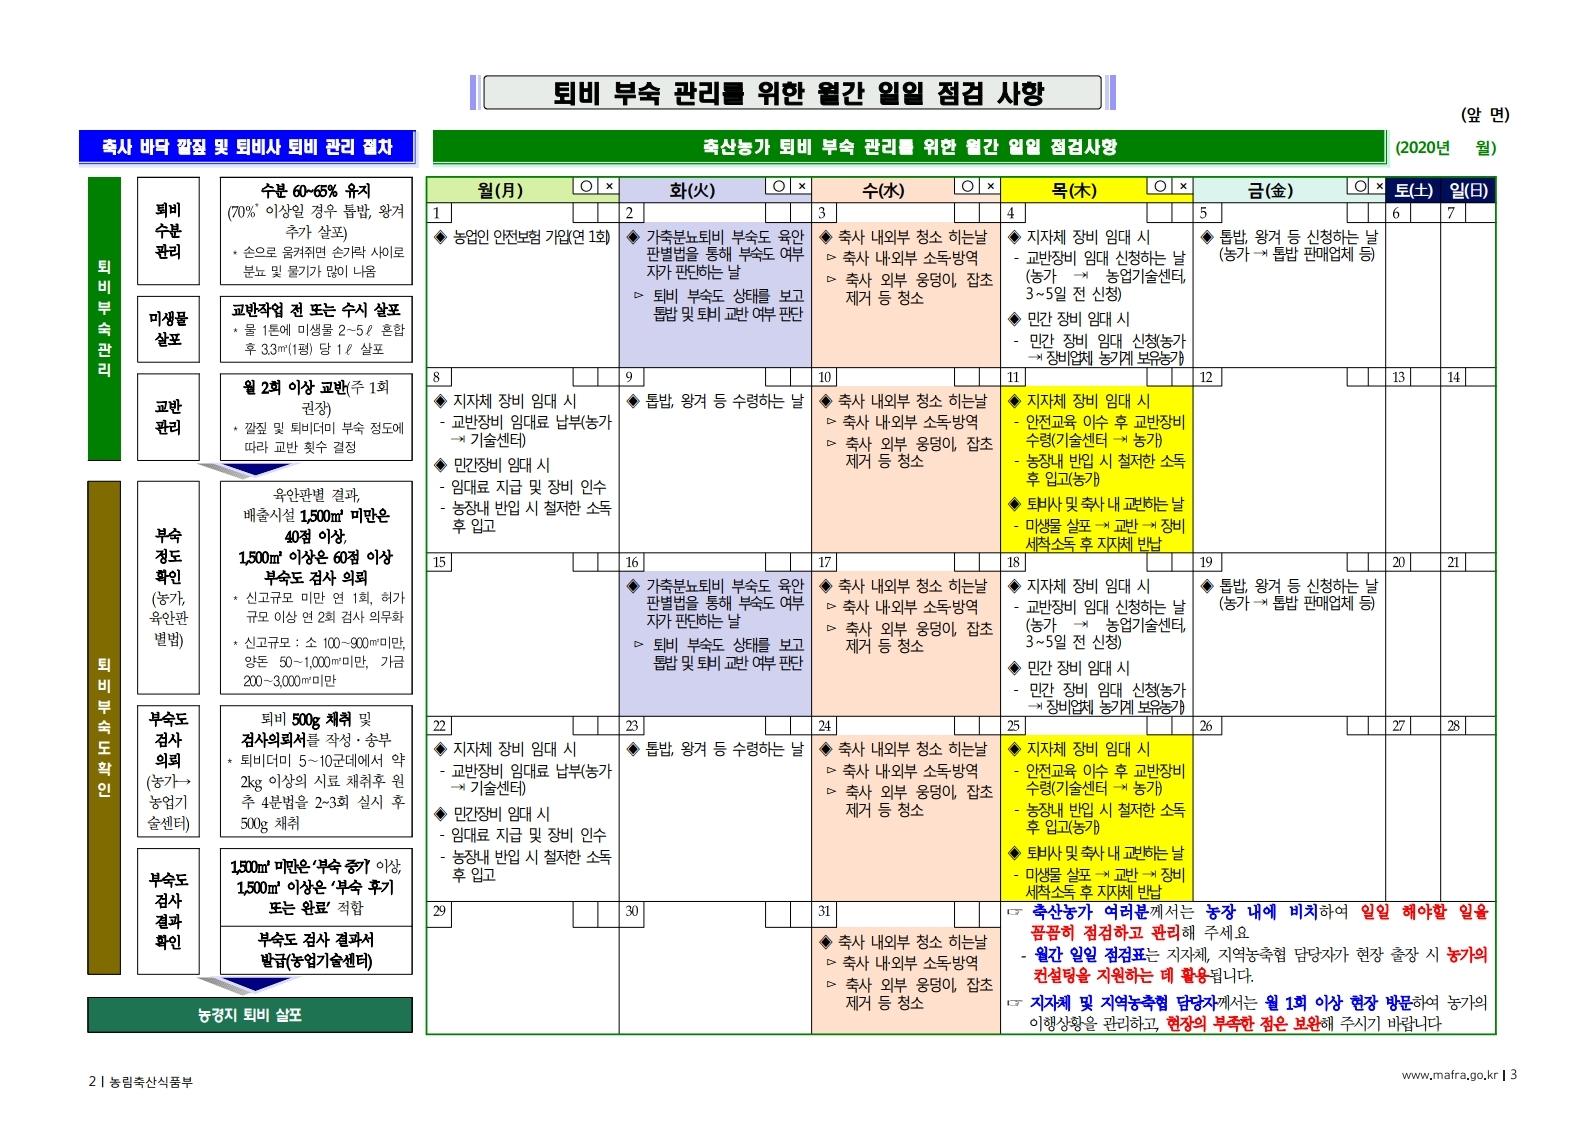 200428_퇴비 부숙관리를 위한 농가 이행계획 자가진단표(최종수정).pdf_page_04.jpg